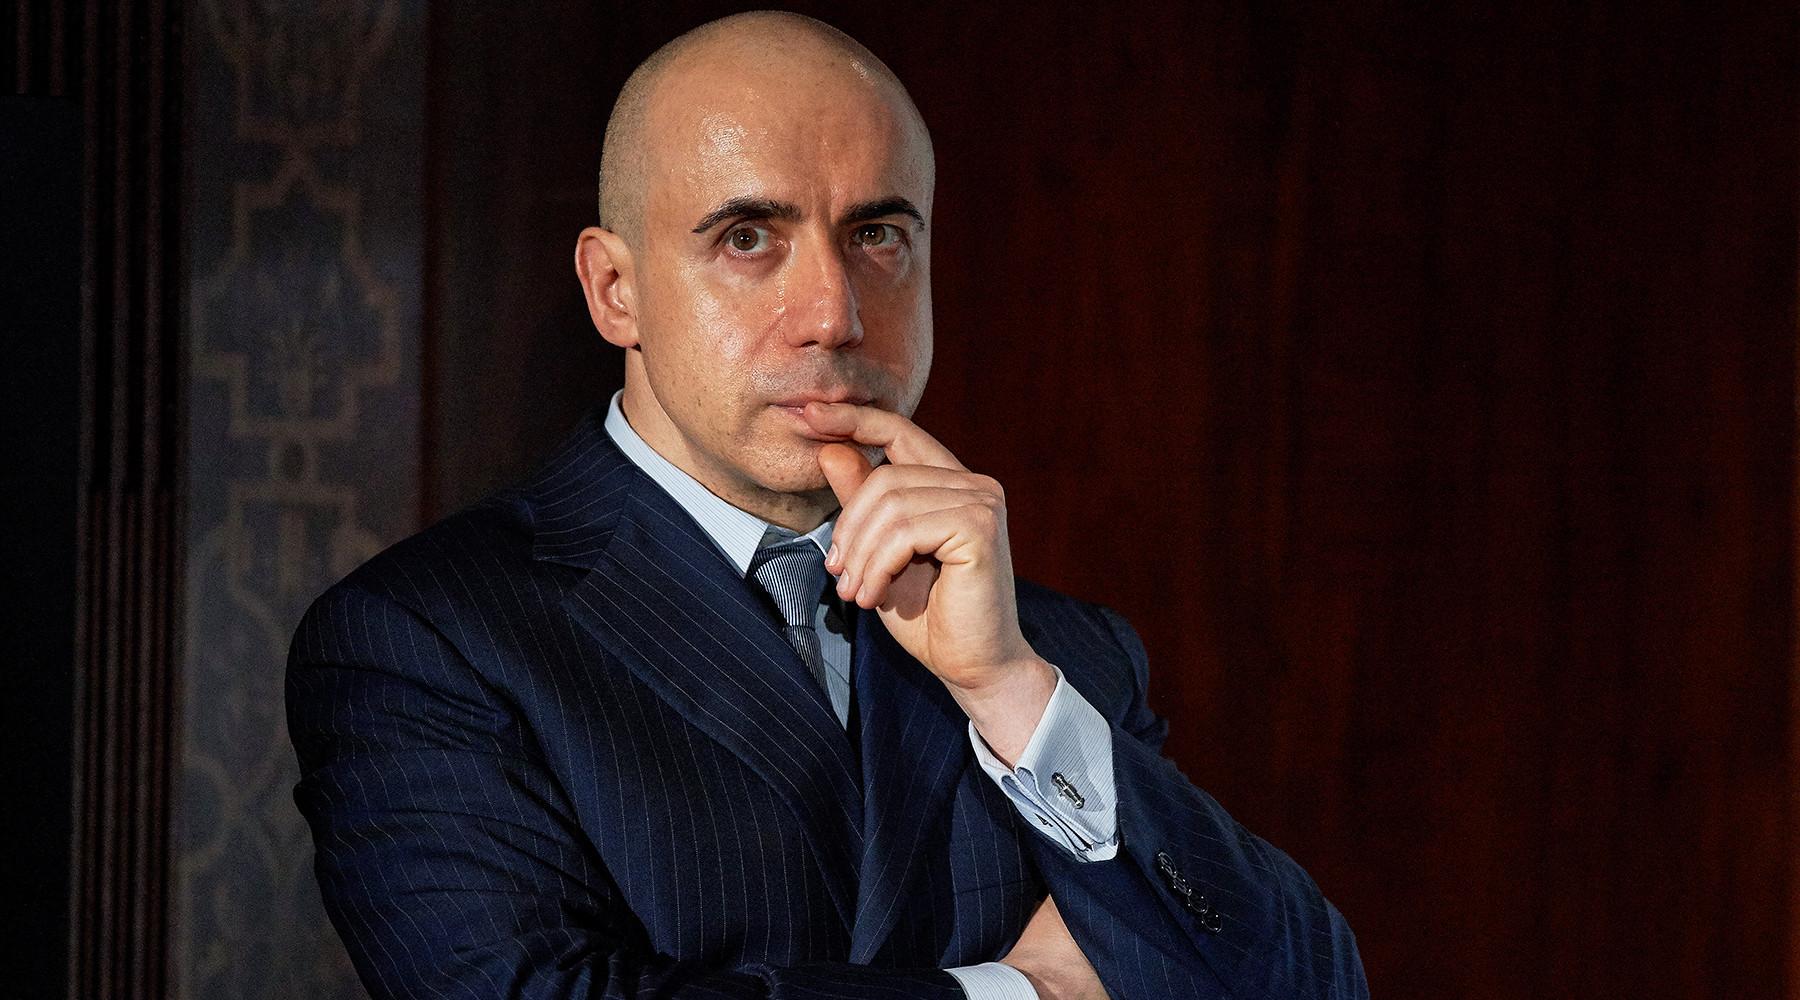 псевдотермобелье никогда российский миллиардер юлий мильнер термобелье